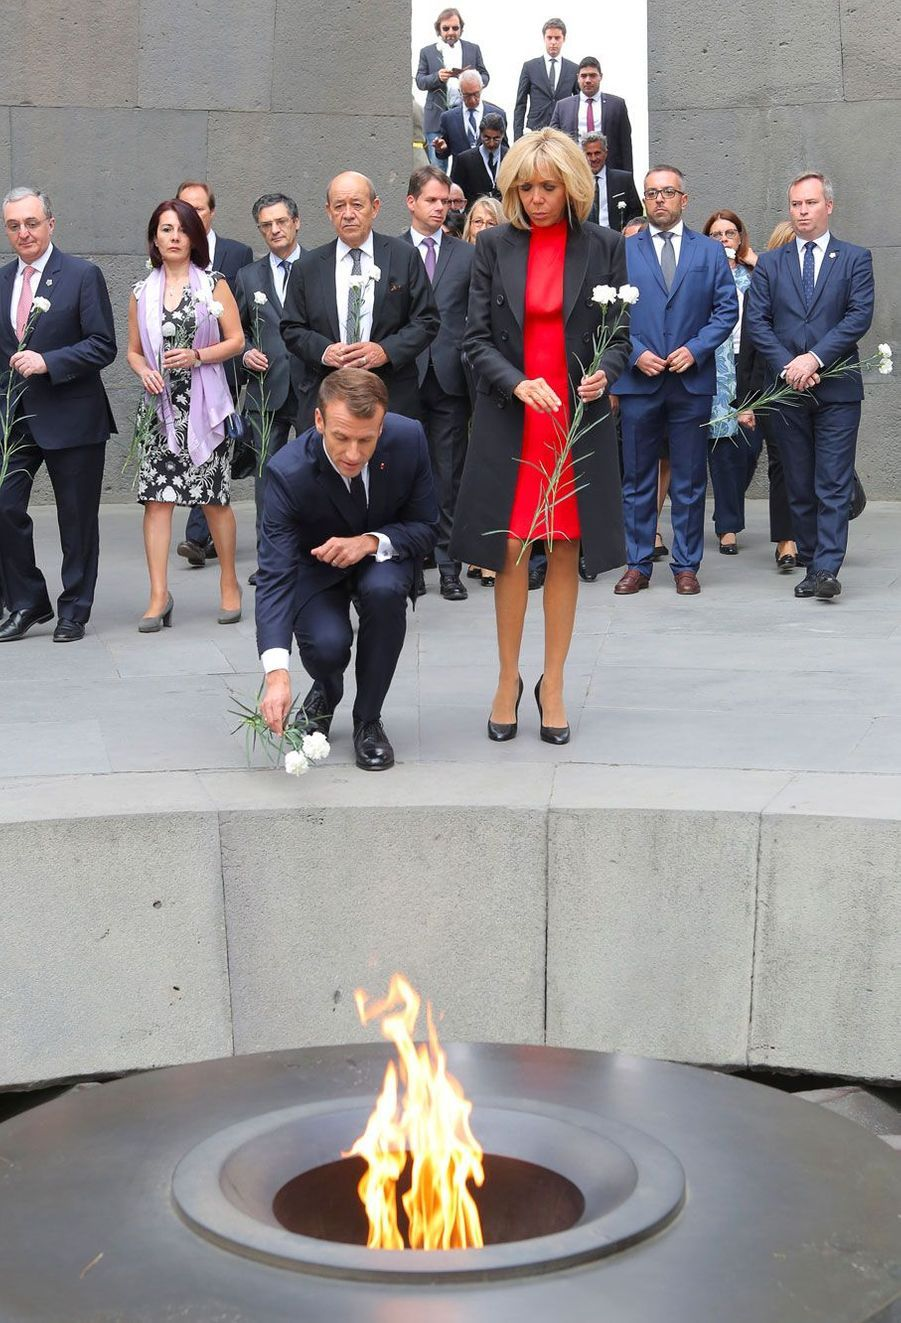 Brigitte et Emmanuel Macron devant la flamme éternelle dumémorial de Tsitsernakaberd, à Erevan en Arménie.